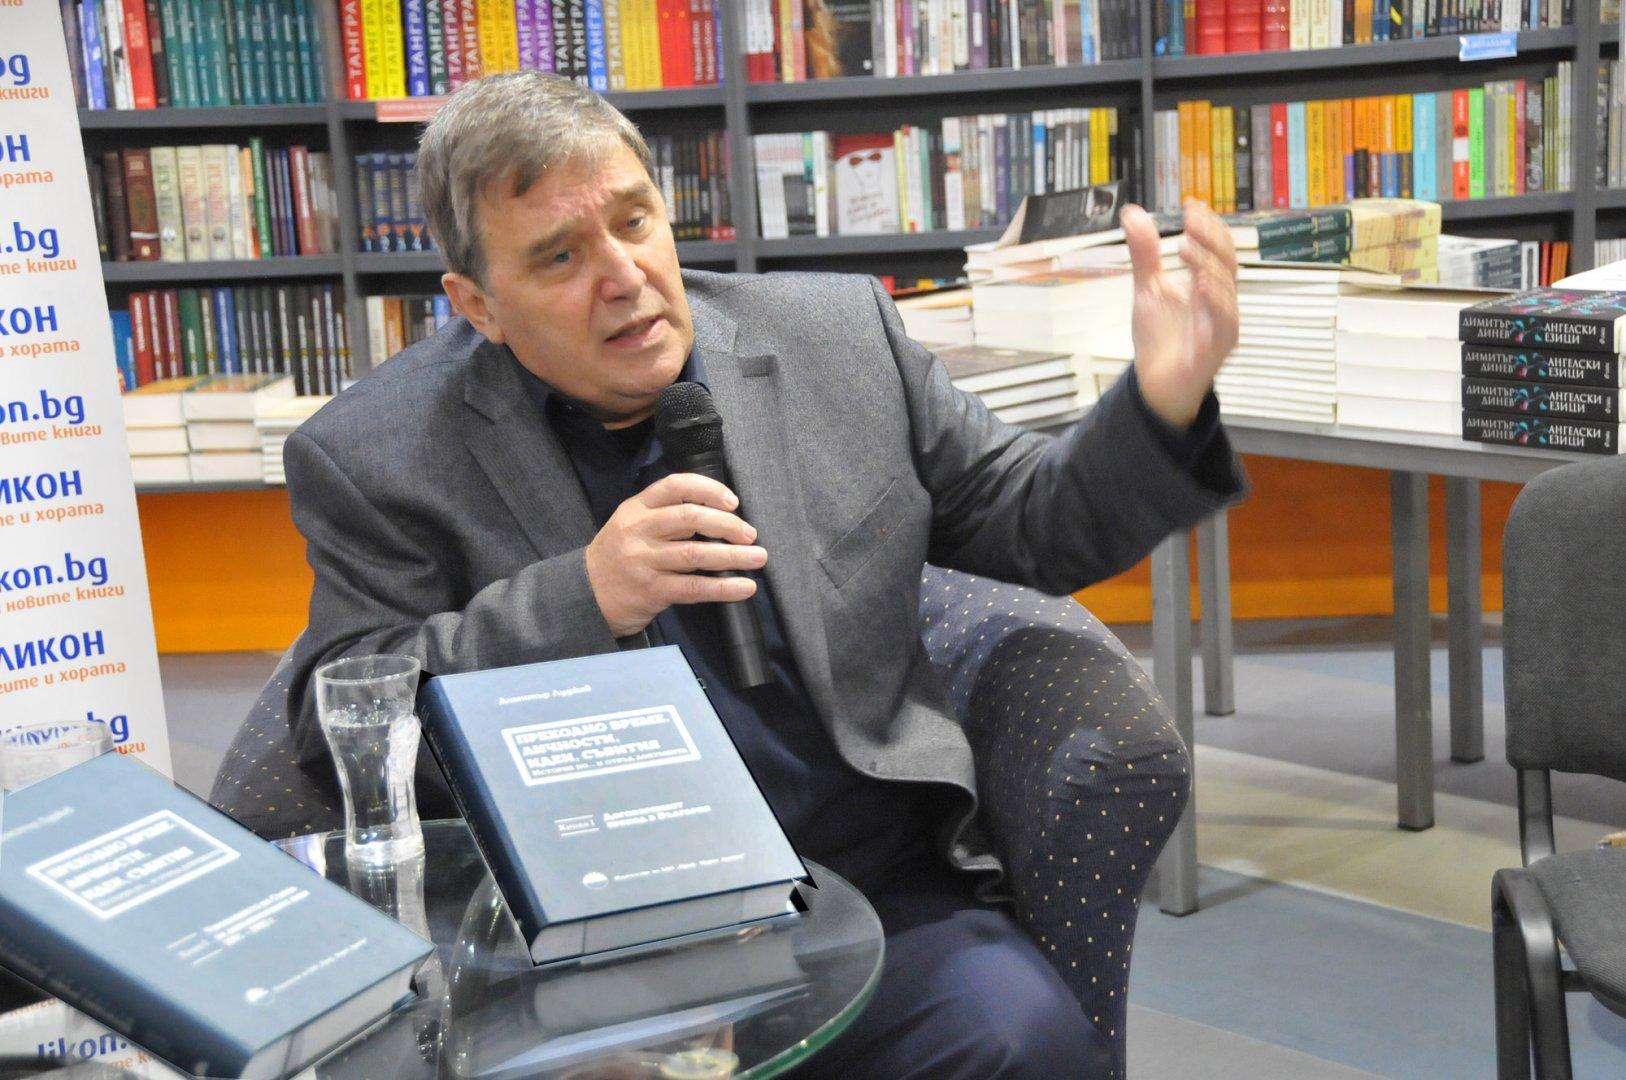 Димитър Луджев представи книгата си пред своите съграждани в Бургас. Снимки Лина Главинова